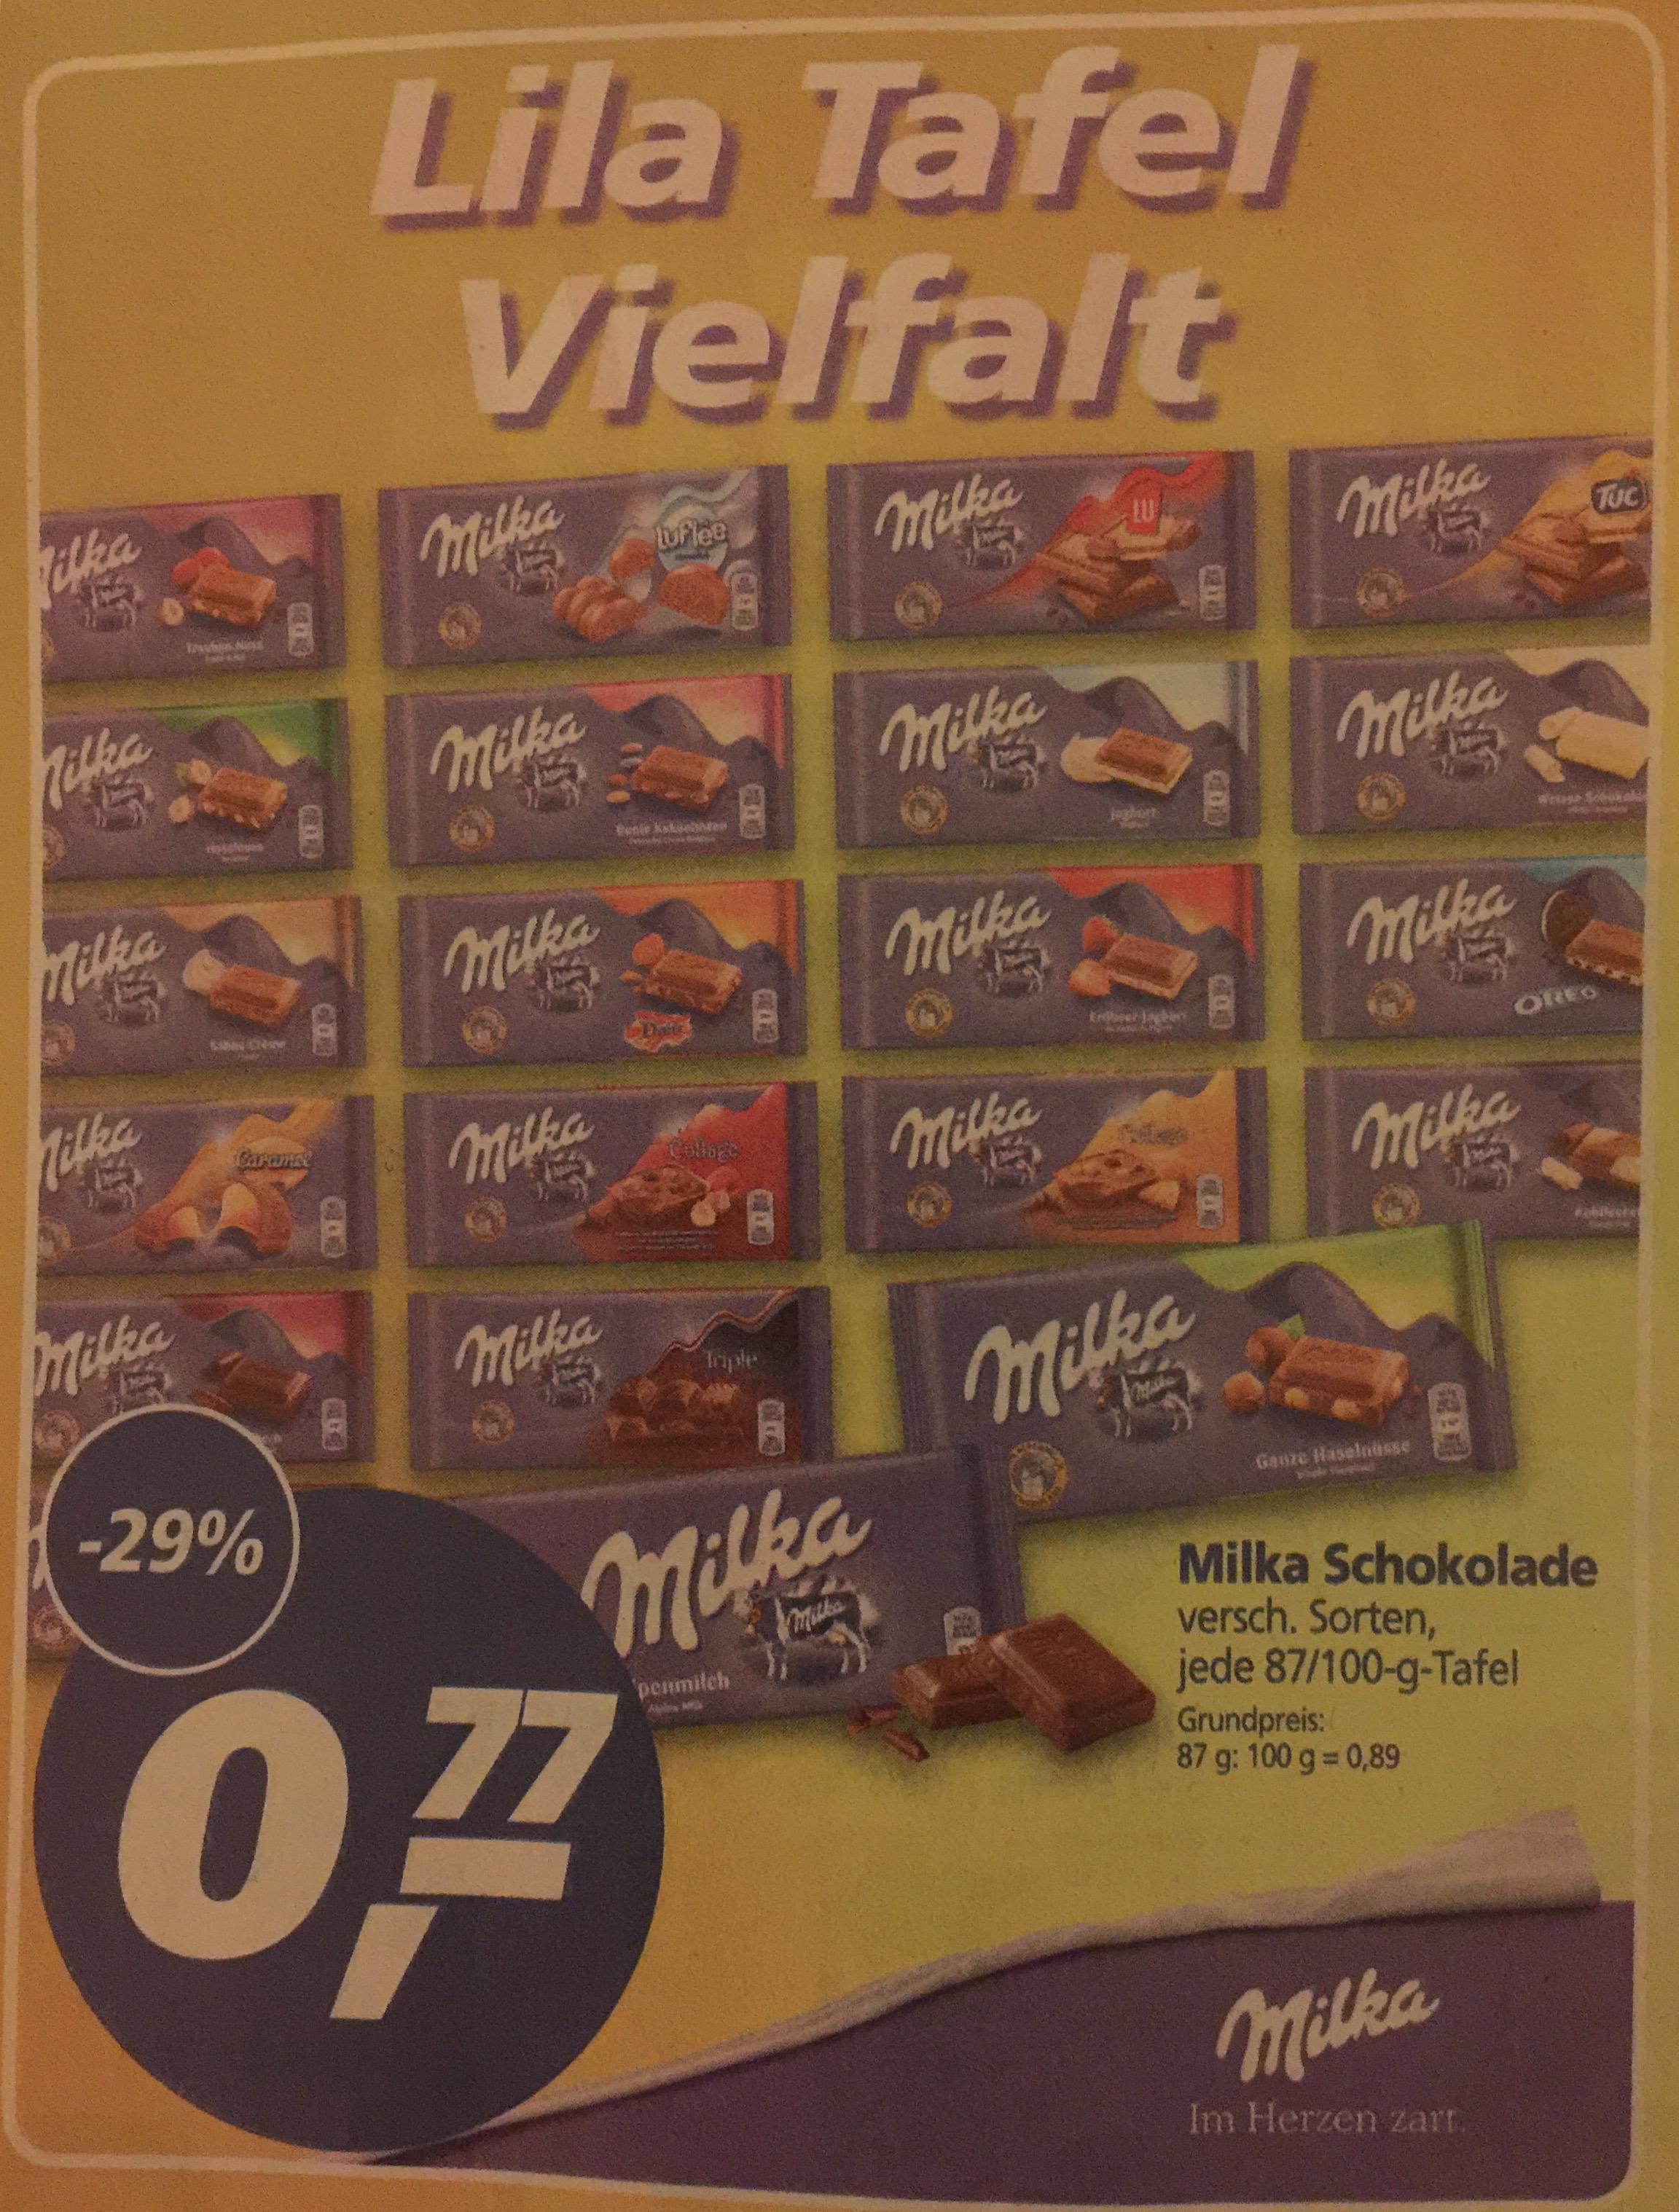 Milka Schokolade für 0,77€ bei Real oder für 0,79€ bei Edeka [Real/EDEKA]